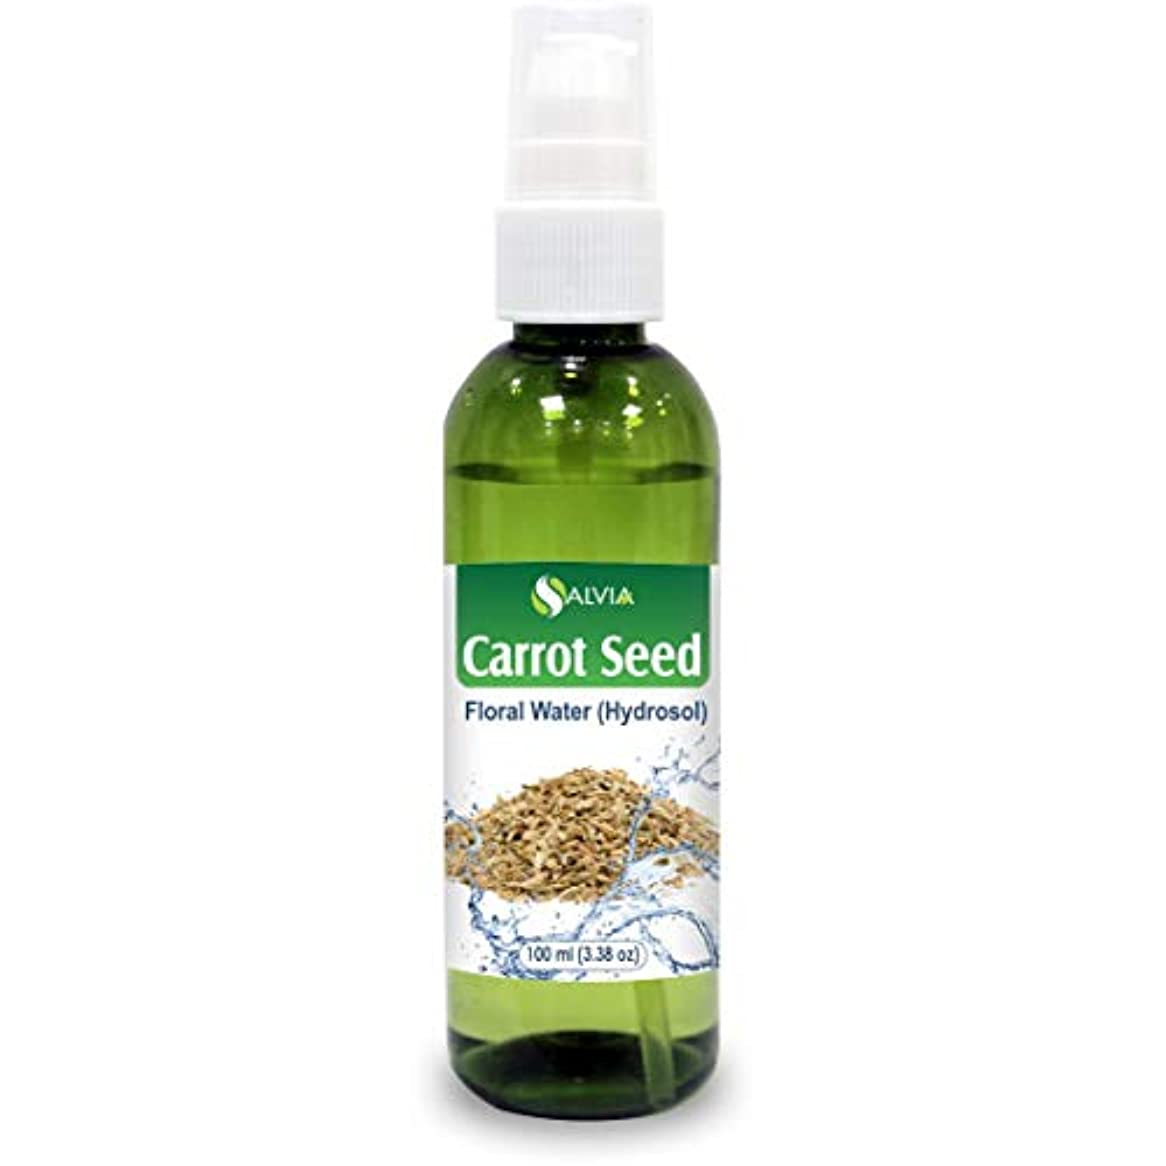 原油ジョガー経済的Carrot Seed Floral Water Floral Water 100ml (Hydrosol) 100% Pure And Natural